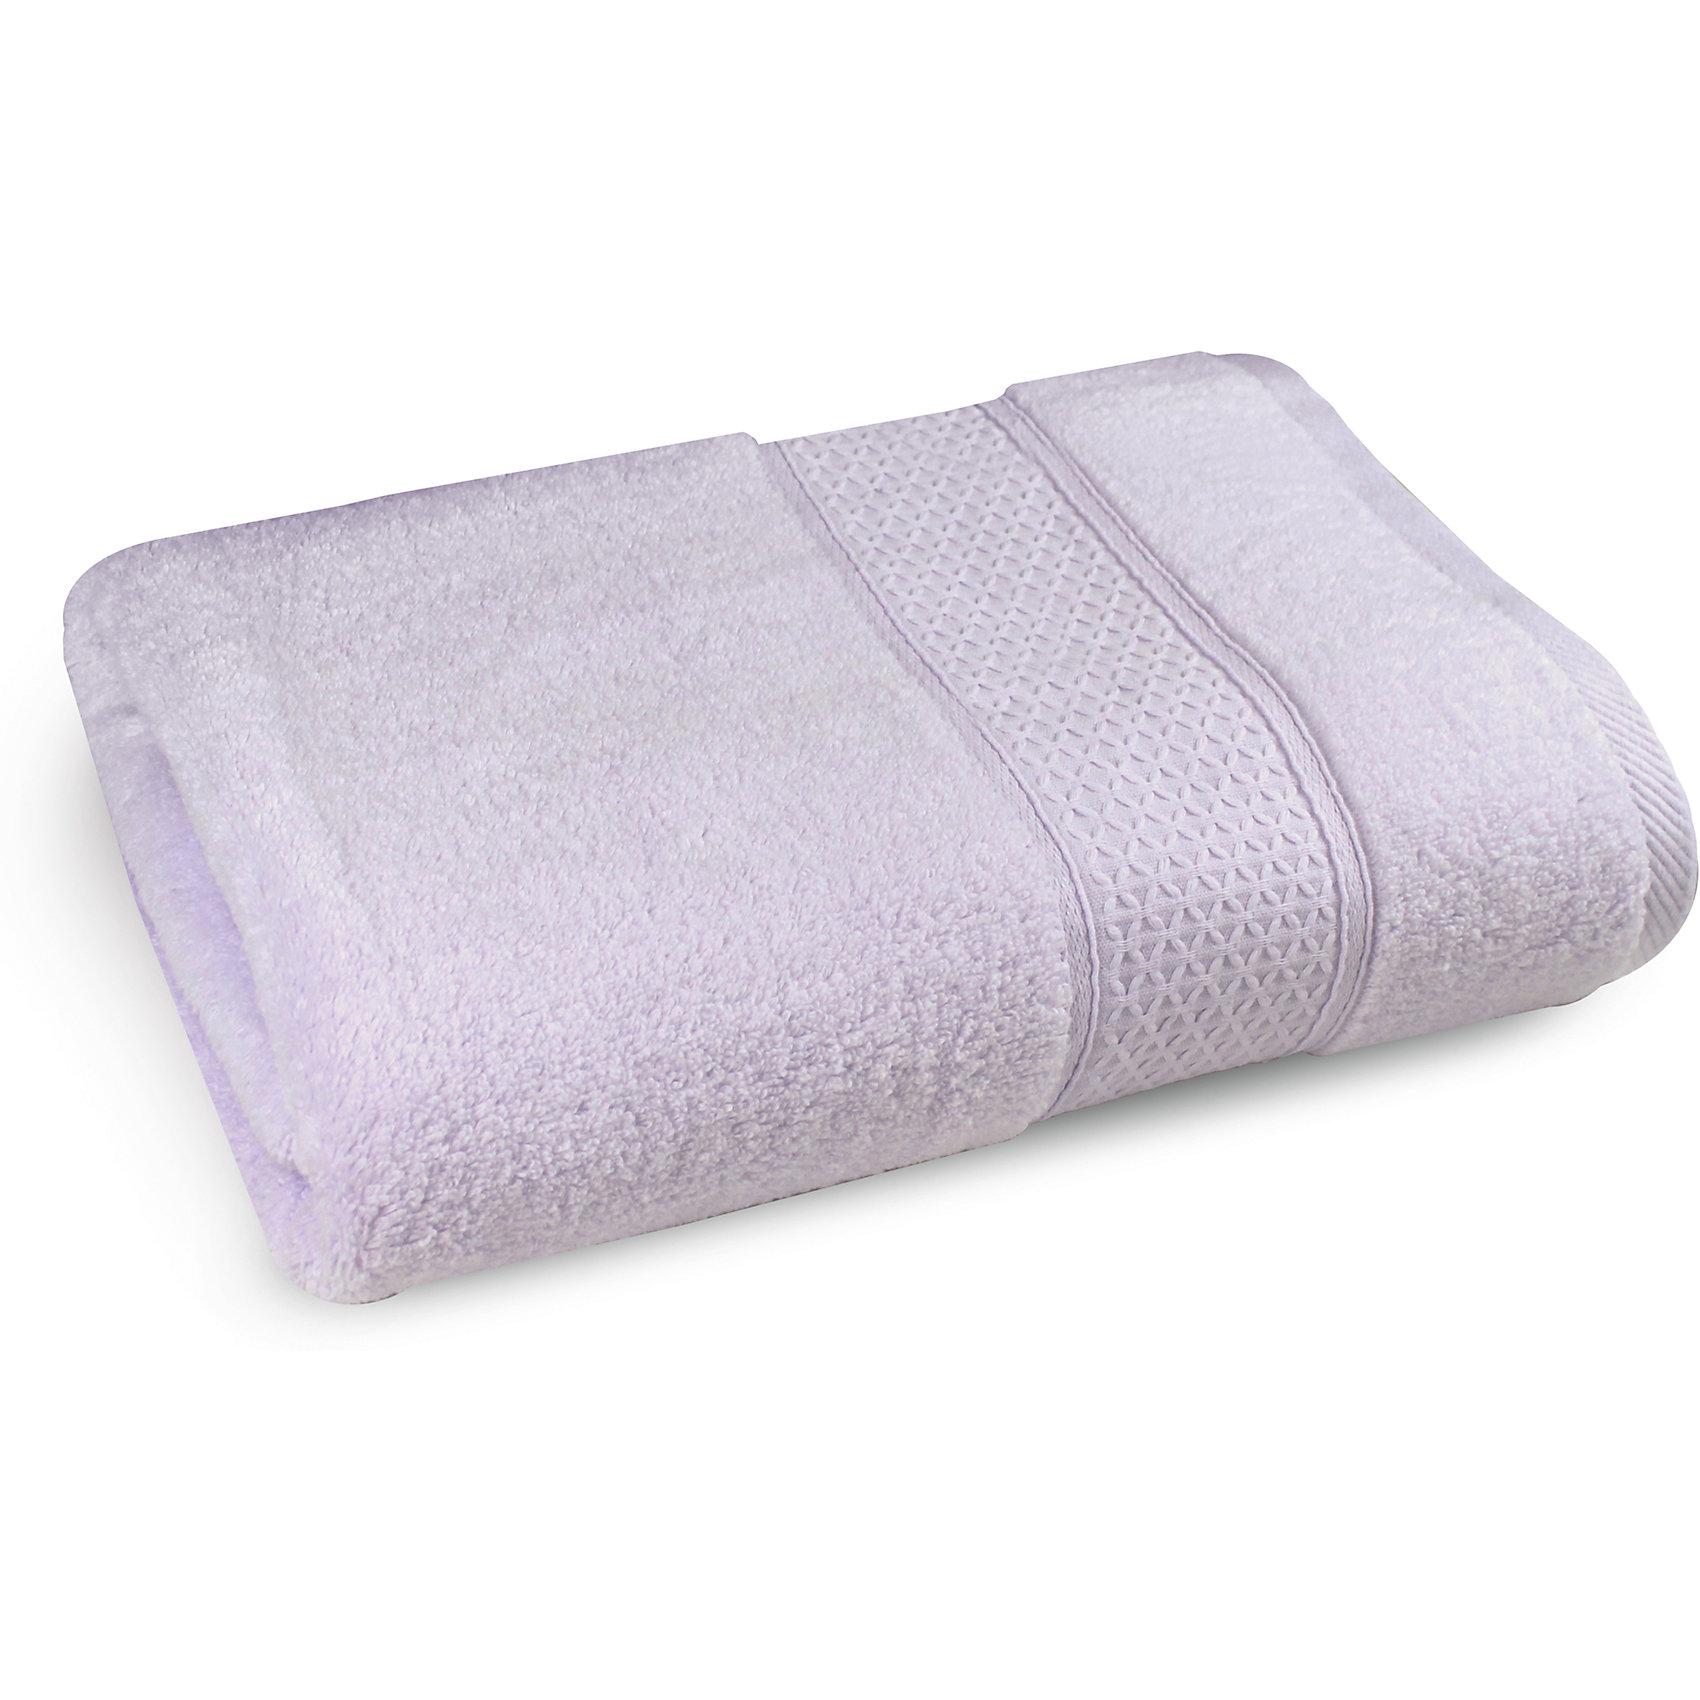 Полотенце махровое 70*140, Cozy Home, фиолетовыйВанная комната<br>Полотенце махровое 70*140, Cozy Home (Кози Хоум), фиолетовый<br><br>Характеристики:<br><br>• мягкое полотенце, приятное на ощупь<br>• хорошо впитывает влагу<br>• легко стирать<br>• материал: хлопок<br>• размер: 70х140 см<br>• цвет: фиолетовый<br><br>Банное полотенце от Cozy Home - прекрасный выбор для ценителей комфорта и качества. Полотенца выполнено из мягких хлопковых волокон, не вызывающих раздражения на коже. Полотенце отлично подойдет как детям, так и взрослым. После длительного использования полотенце не поменяет свой размер и цвет. Главное отличие полотенец из хлопка - хорошая гигроскопичность. Изделие быстро впитает влагу, даря мягкость и уют. Край полотенца декорирован приятной вышивкой в тон основному цвету.<br><br>Полотенце махровое 70*140, Cozy Home (Кози Хоум), фиолетовый можно купить в нашем интернет-магазине.<br><br>Ширина мм: 150<br>Глубина мм: 350<br>Высота мм: 150<br>Вес г: 350<br>Возраст от месяцев: 0<br>Возраст до месяцев: 216<br>Пол: Женский<br>Возраст: Детский<br>SKU: 5355319